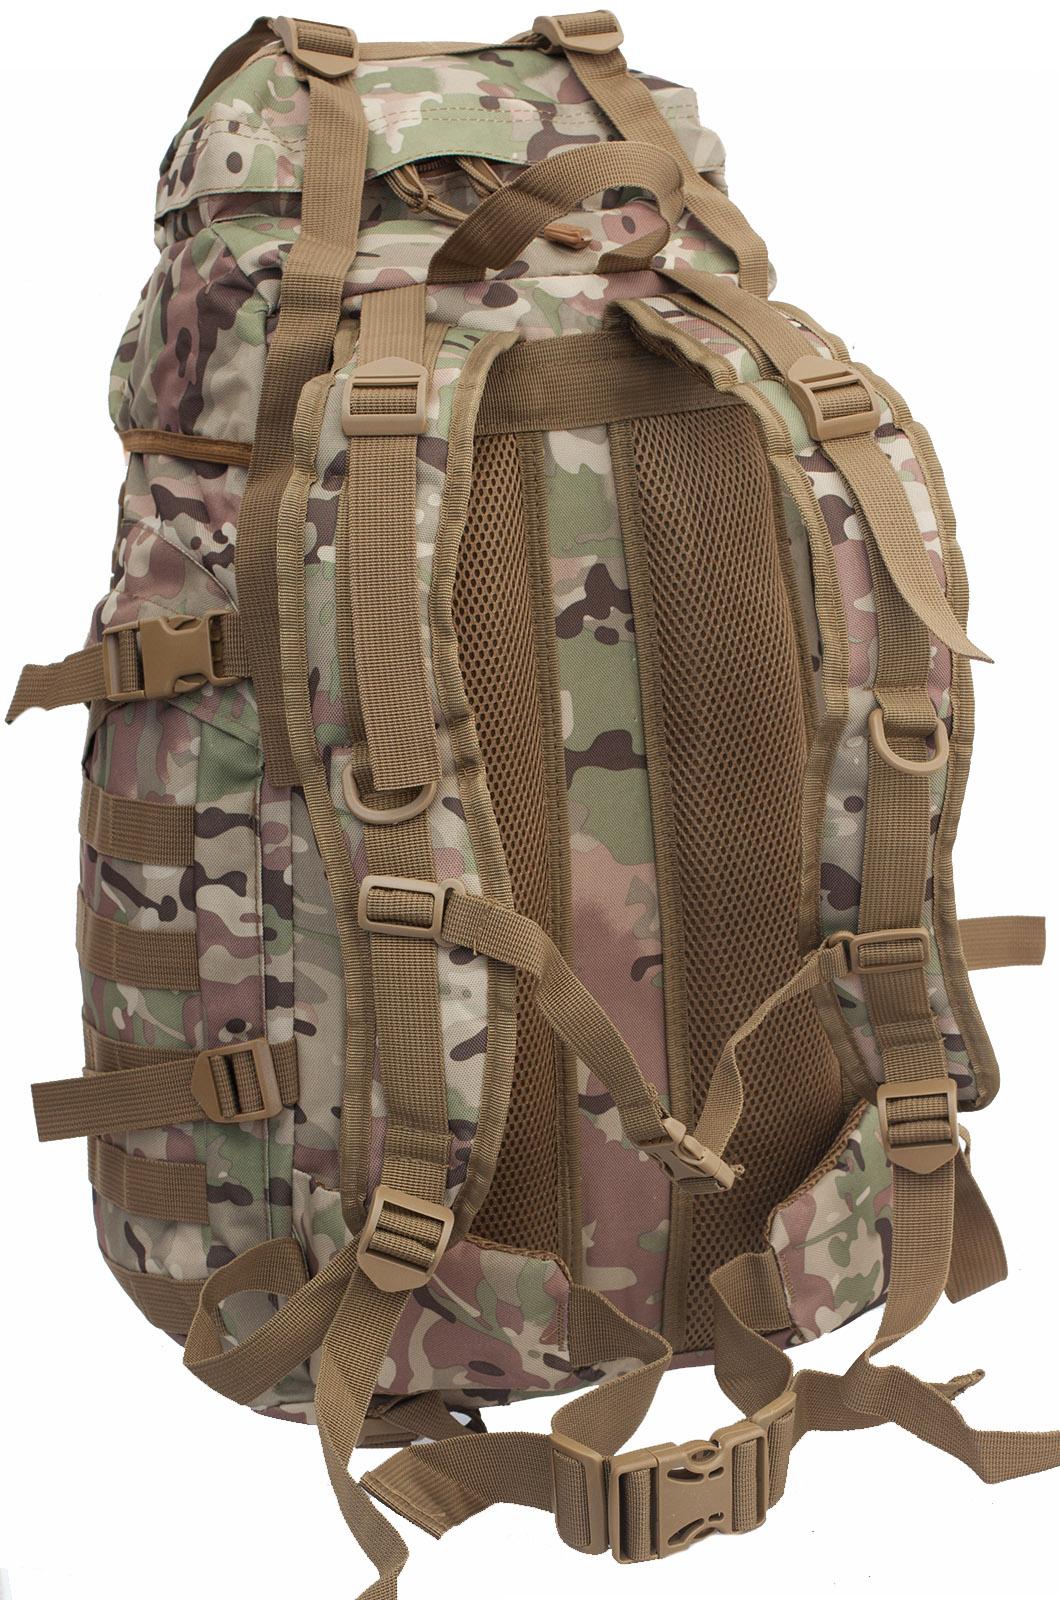 Тактический штурмовой рюкзак ДПС - заказать по низкой цене